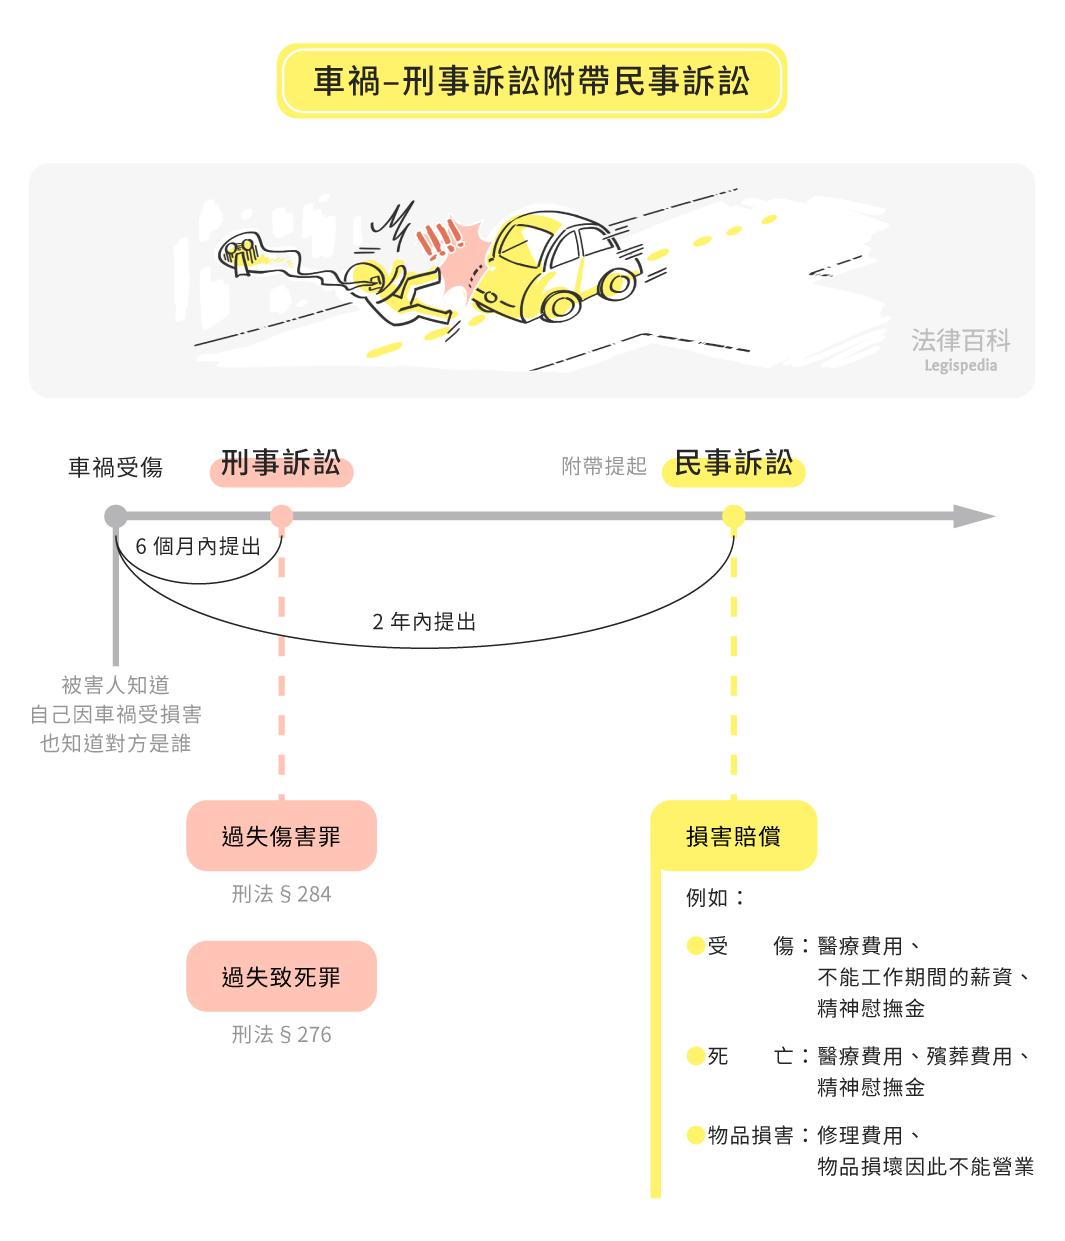 圖1 車禍—刑事訴訟附帶民事訴訟||資料來源:黃郁真 / 繪圖:Yen